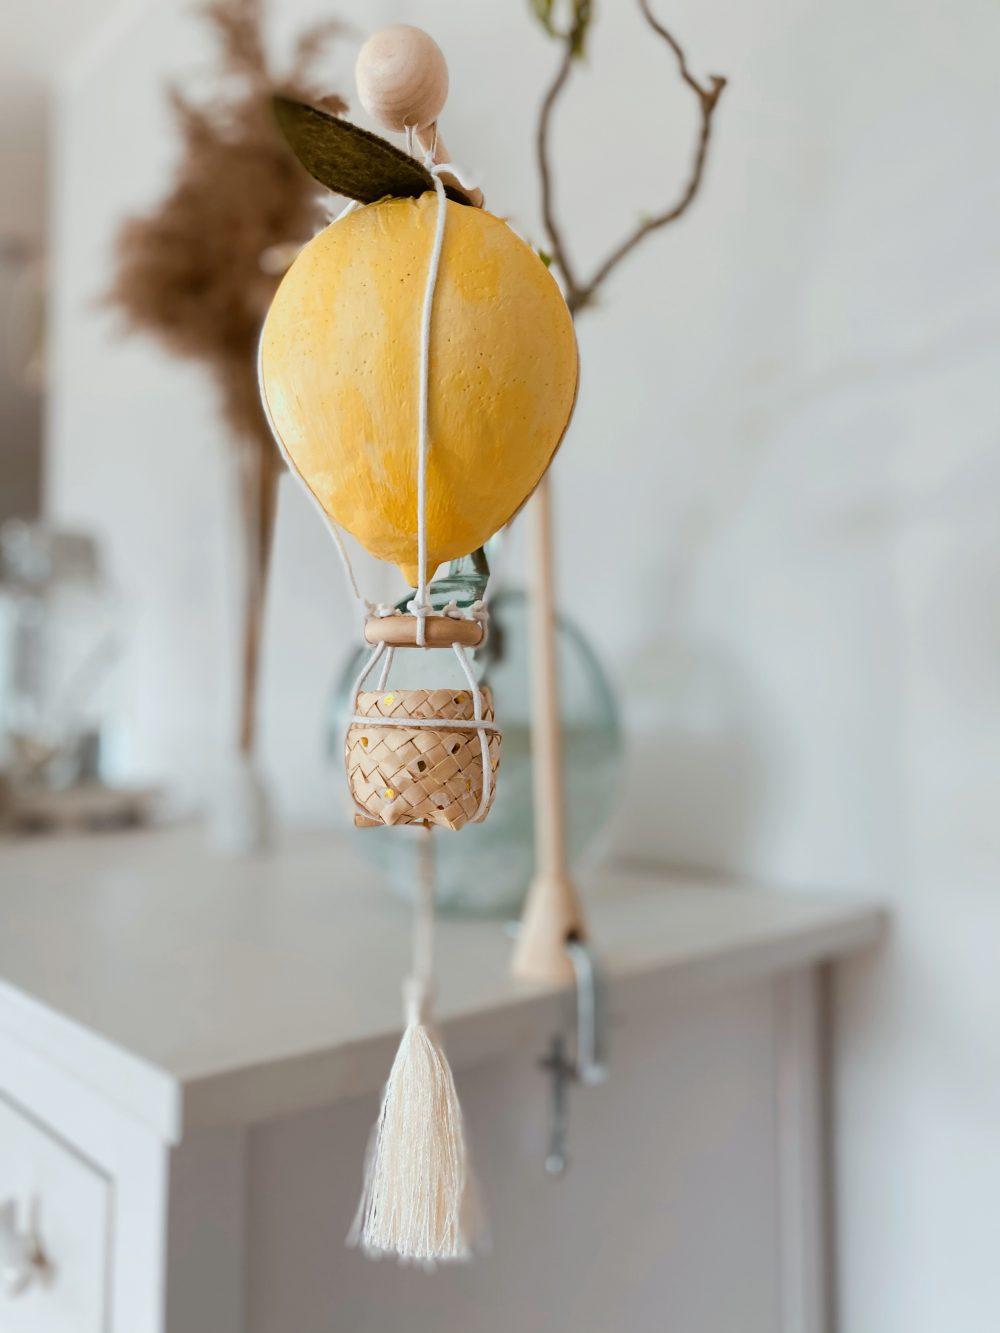 Lemon Balloon 4